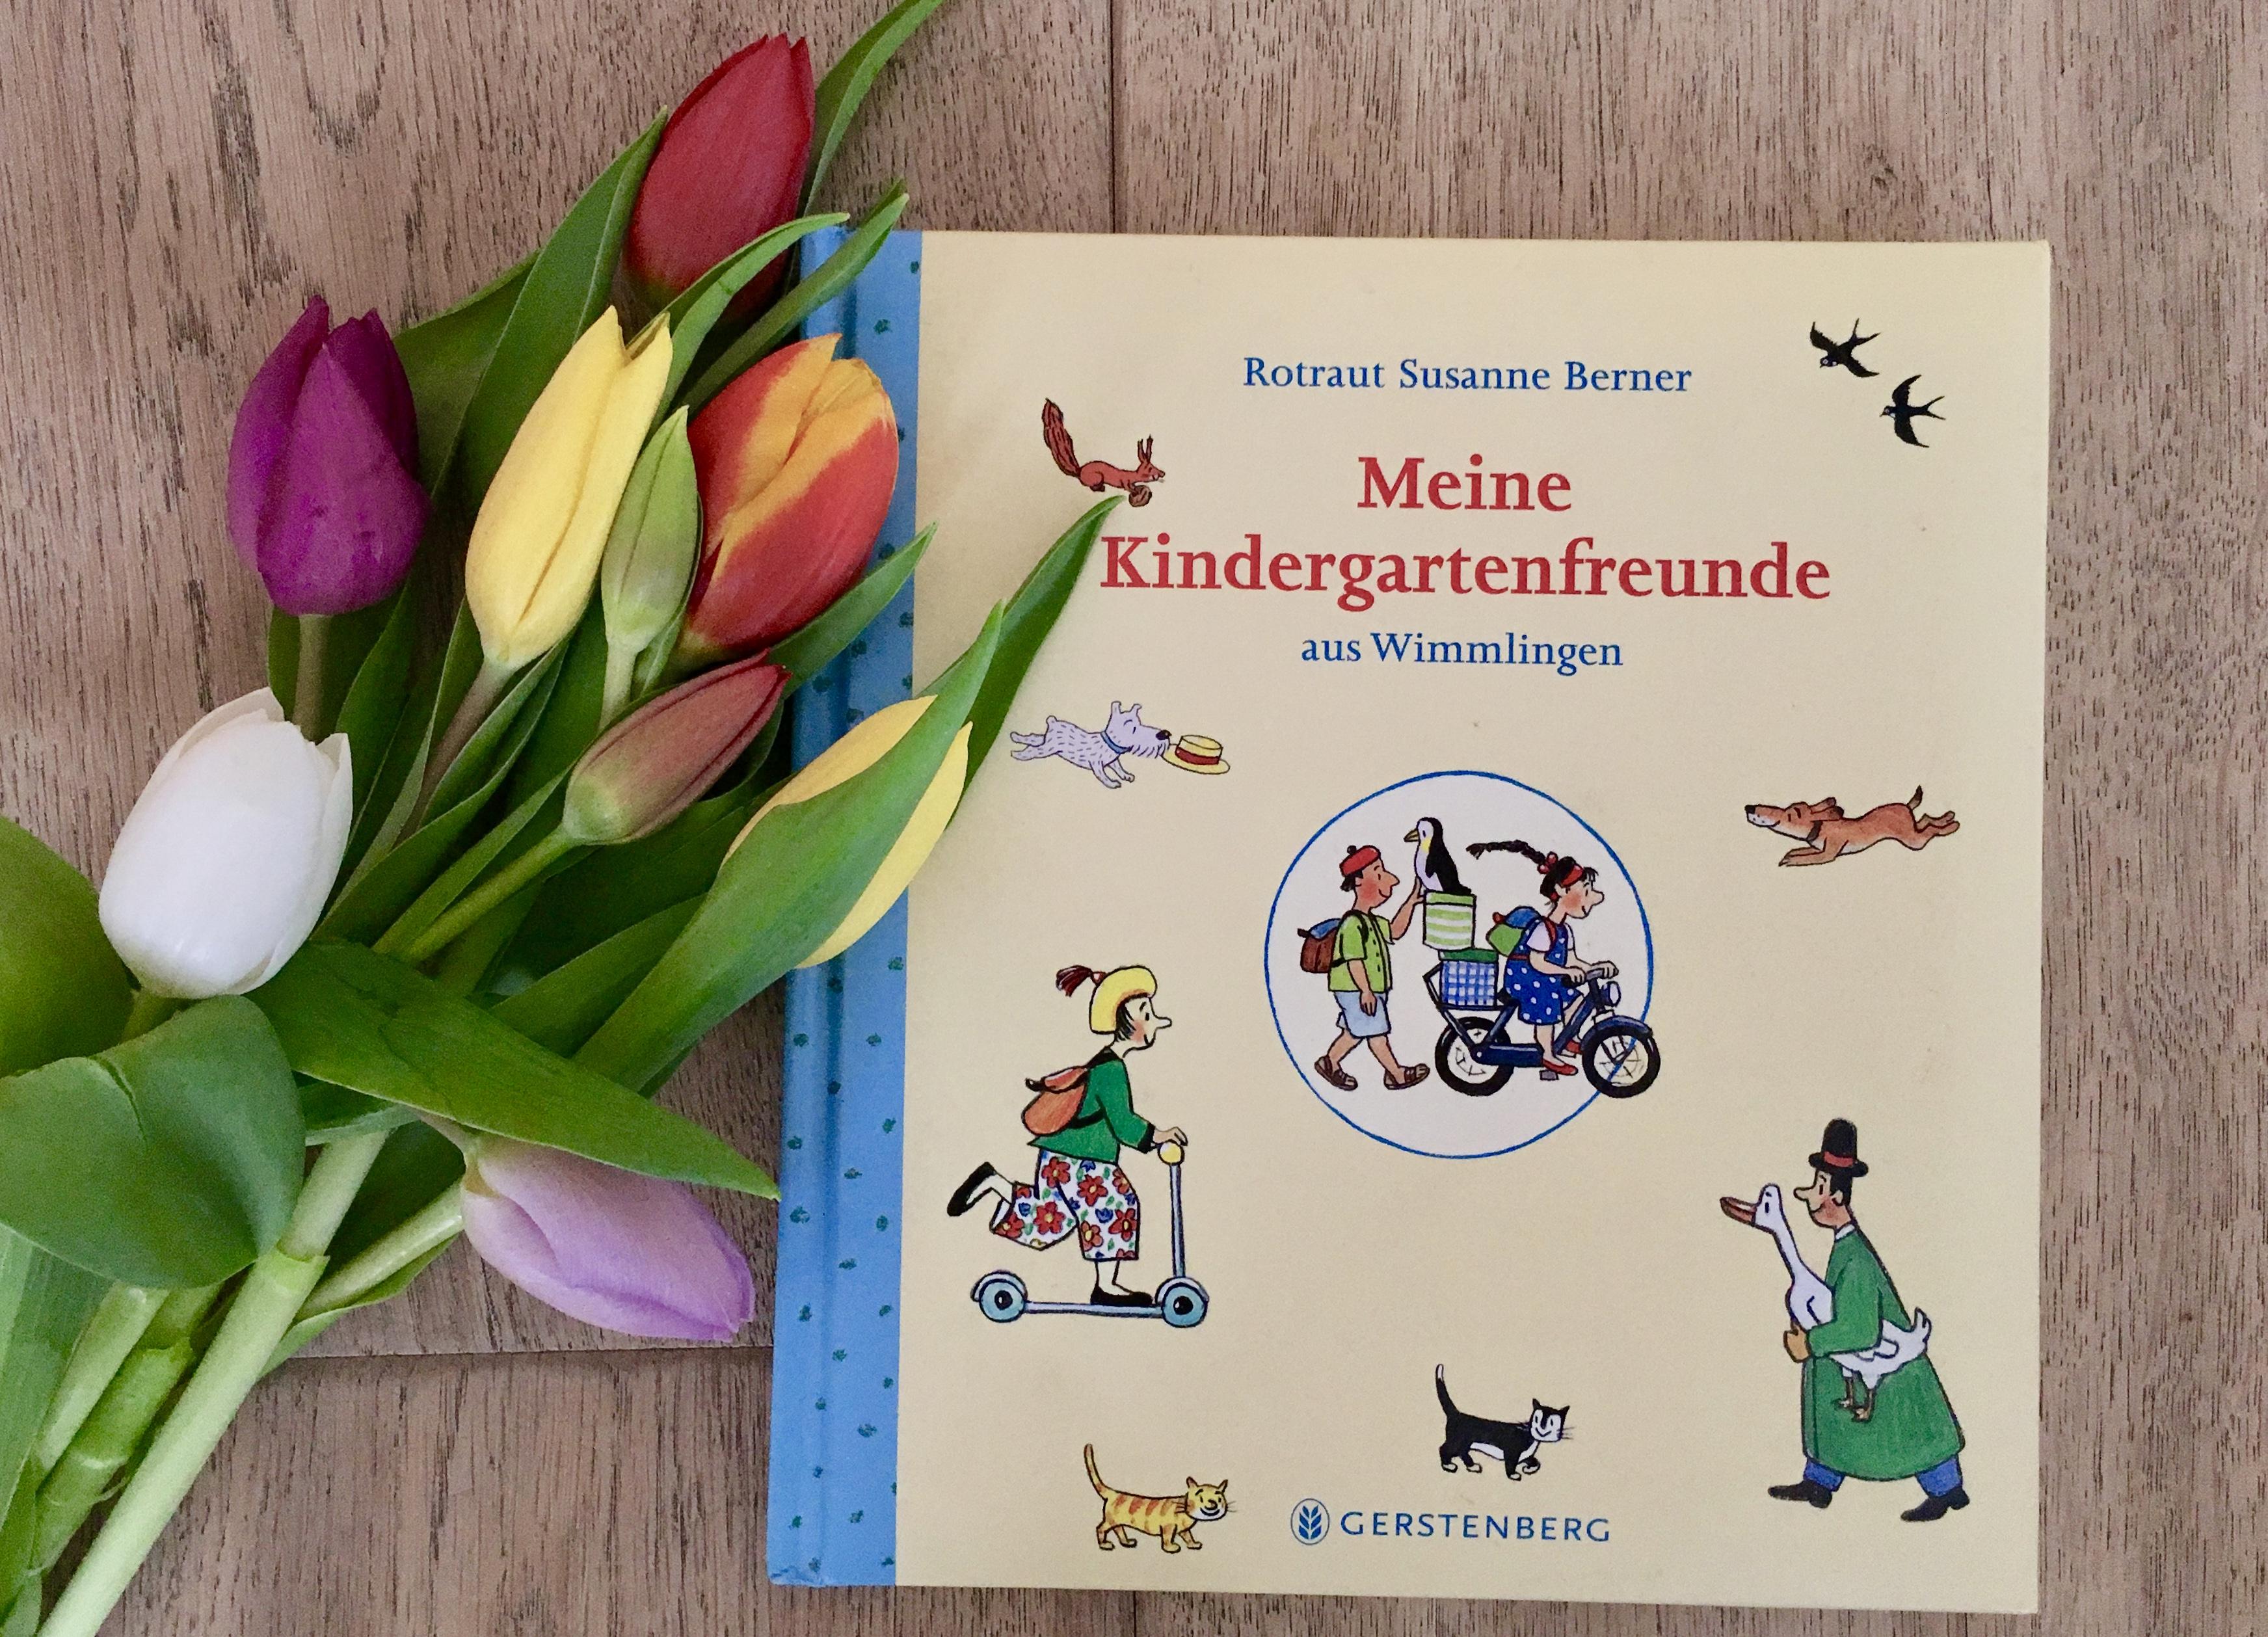 Meine Kindergartenfreunde von Rotraut Susanne Berner